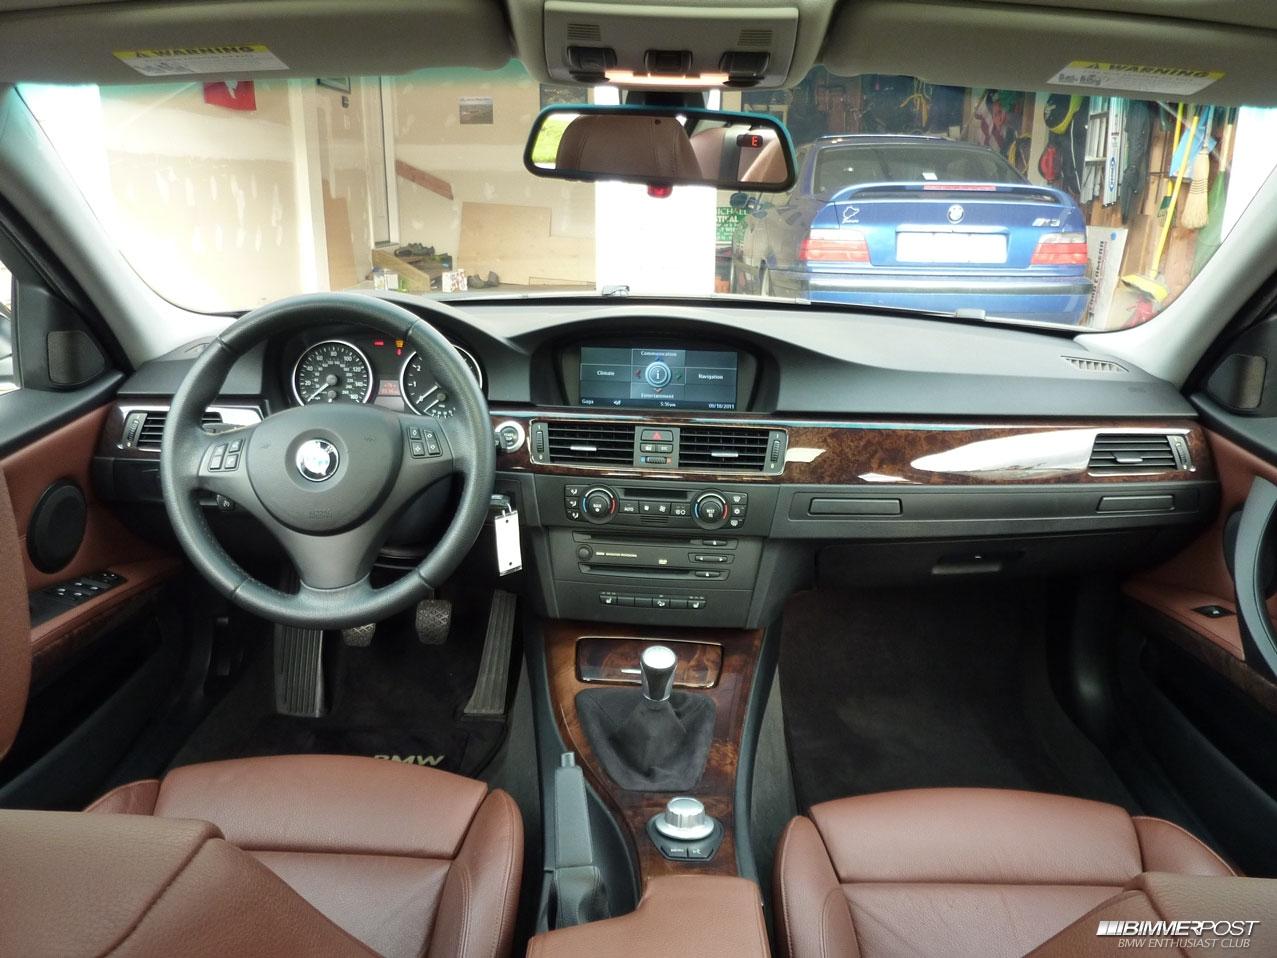 TMc135s 2006 BMW 330xi BIMMERPOST Garage